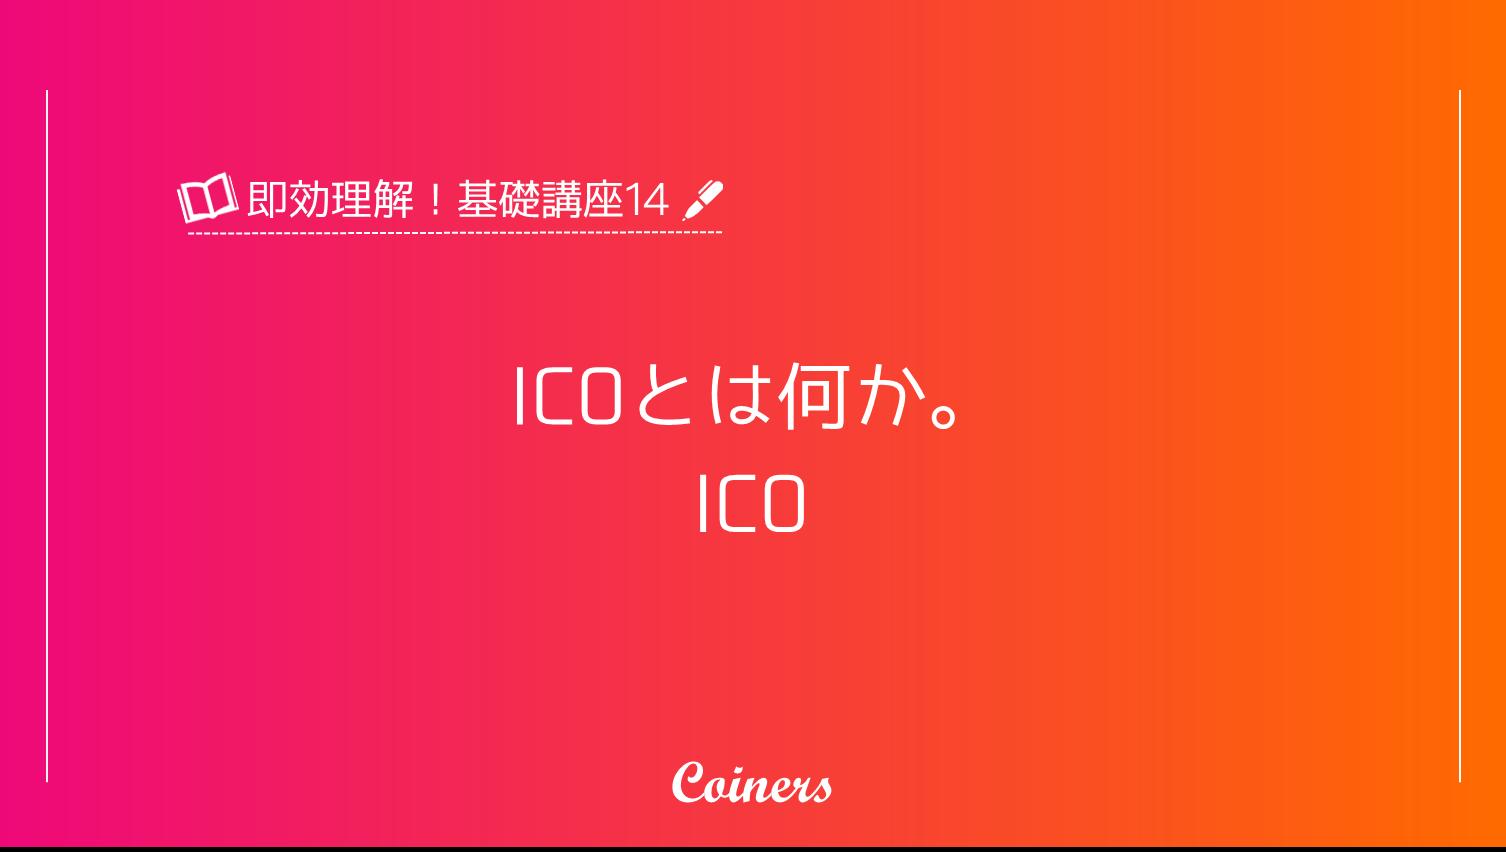 仮想通貨のICOについて説明する画像